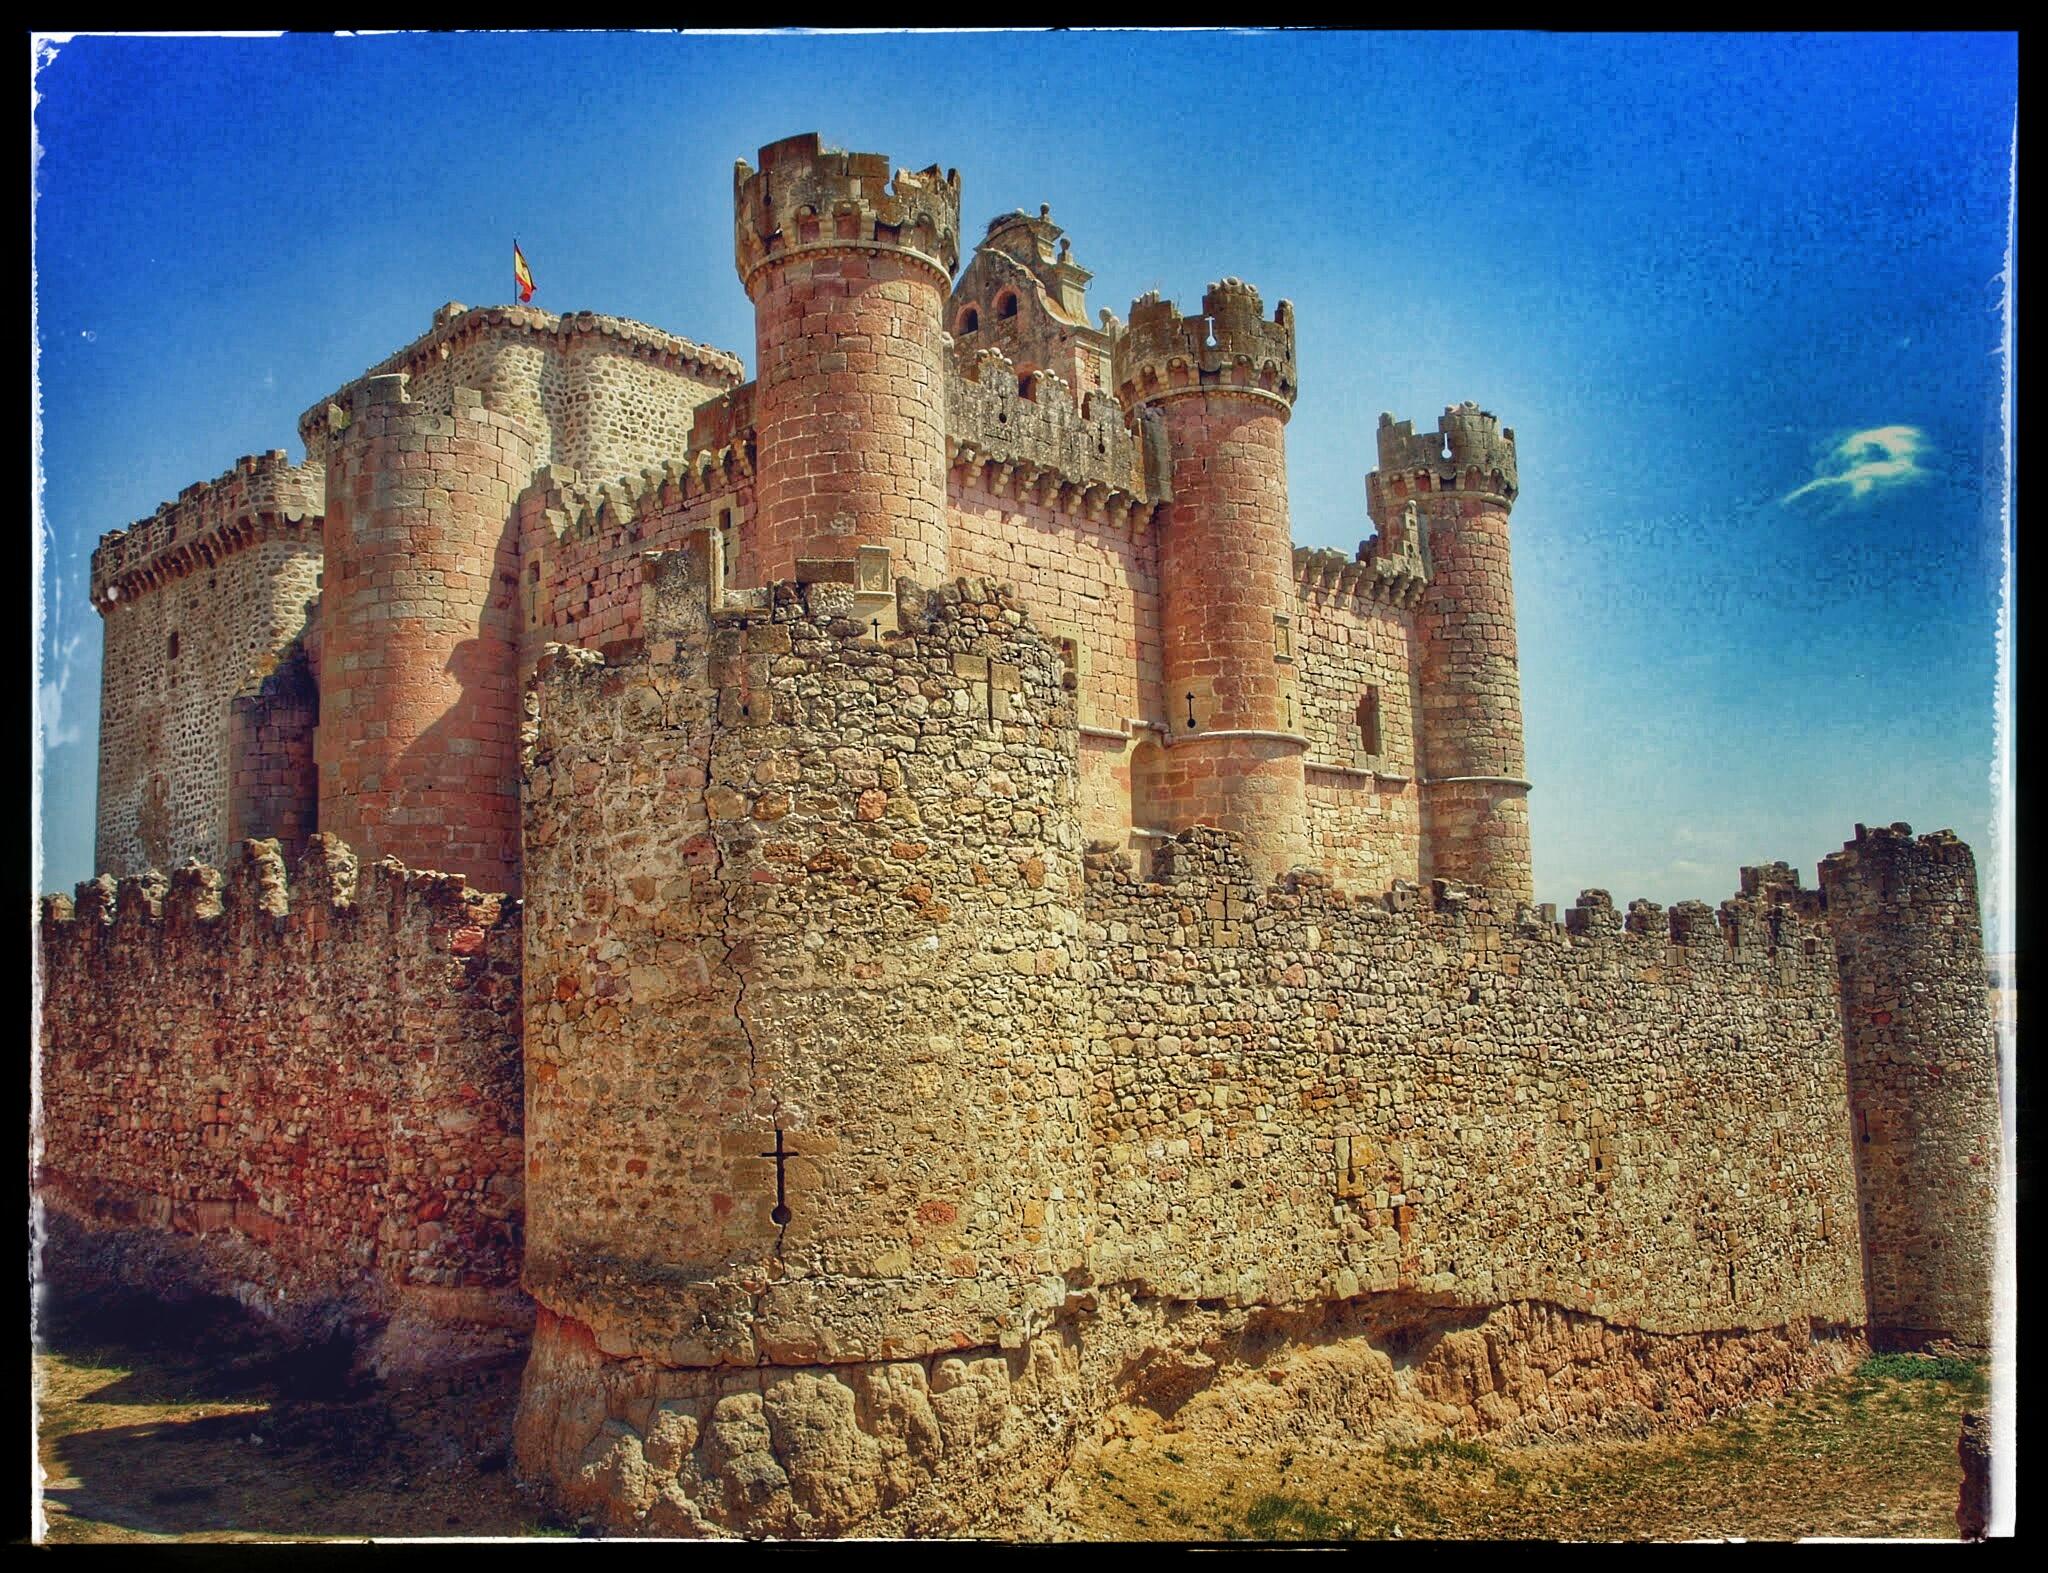 Turegano1-01 Segovia: Posada de Gallegos, Turéganos y Pedraza (I) Viajes